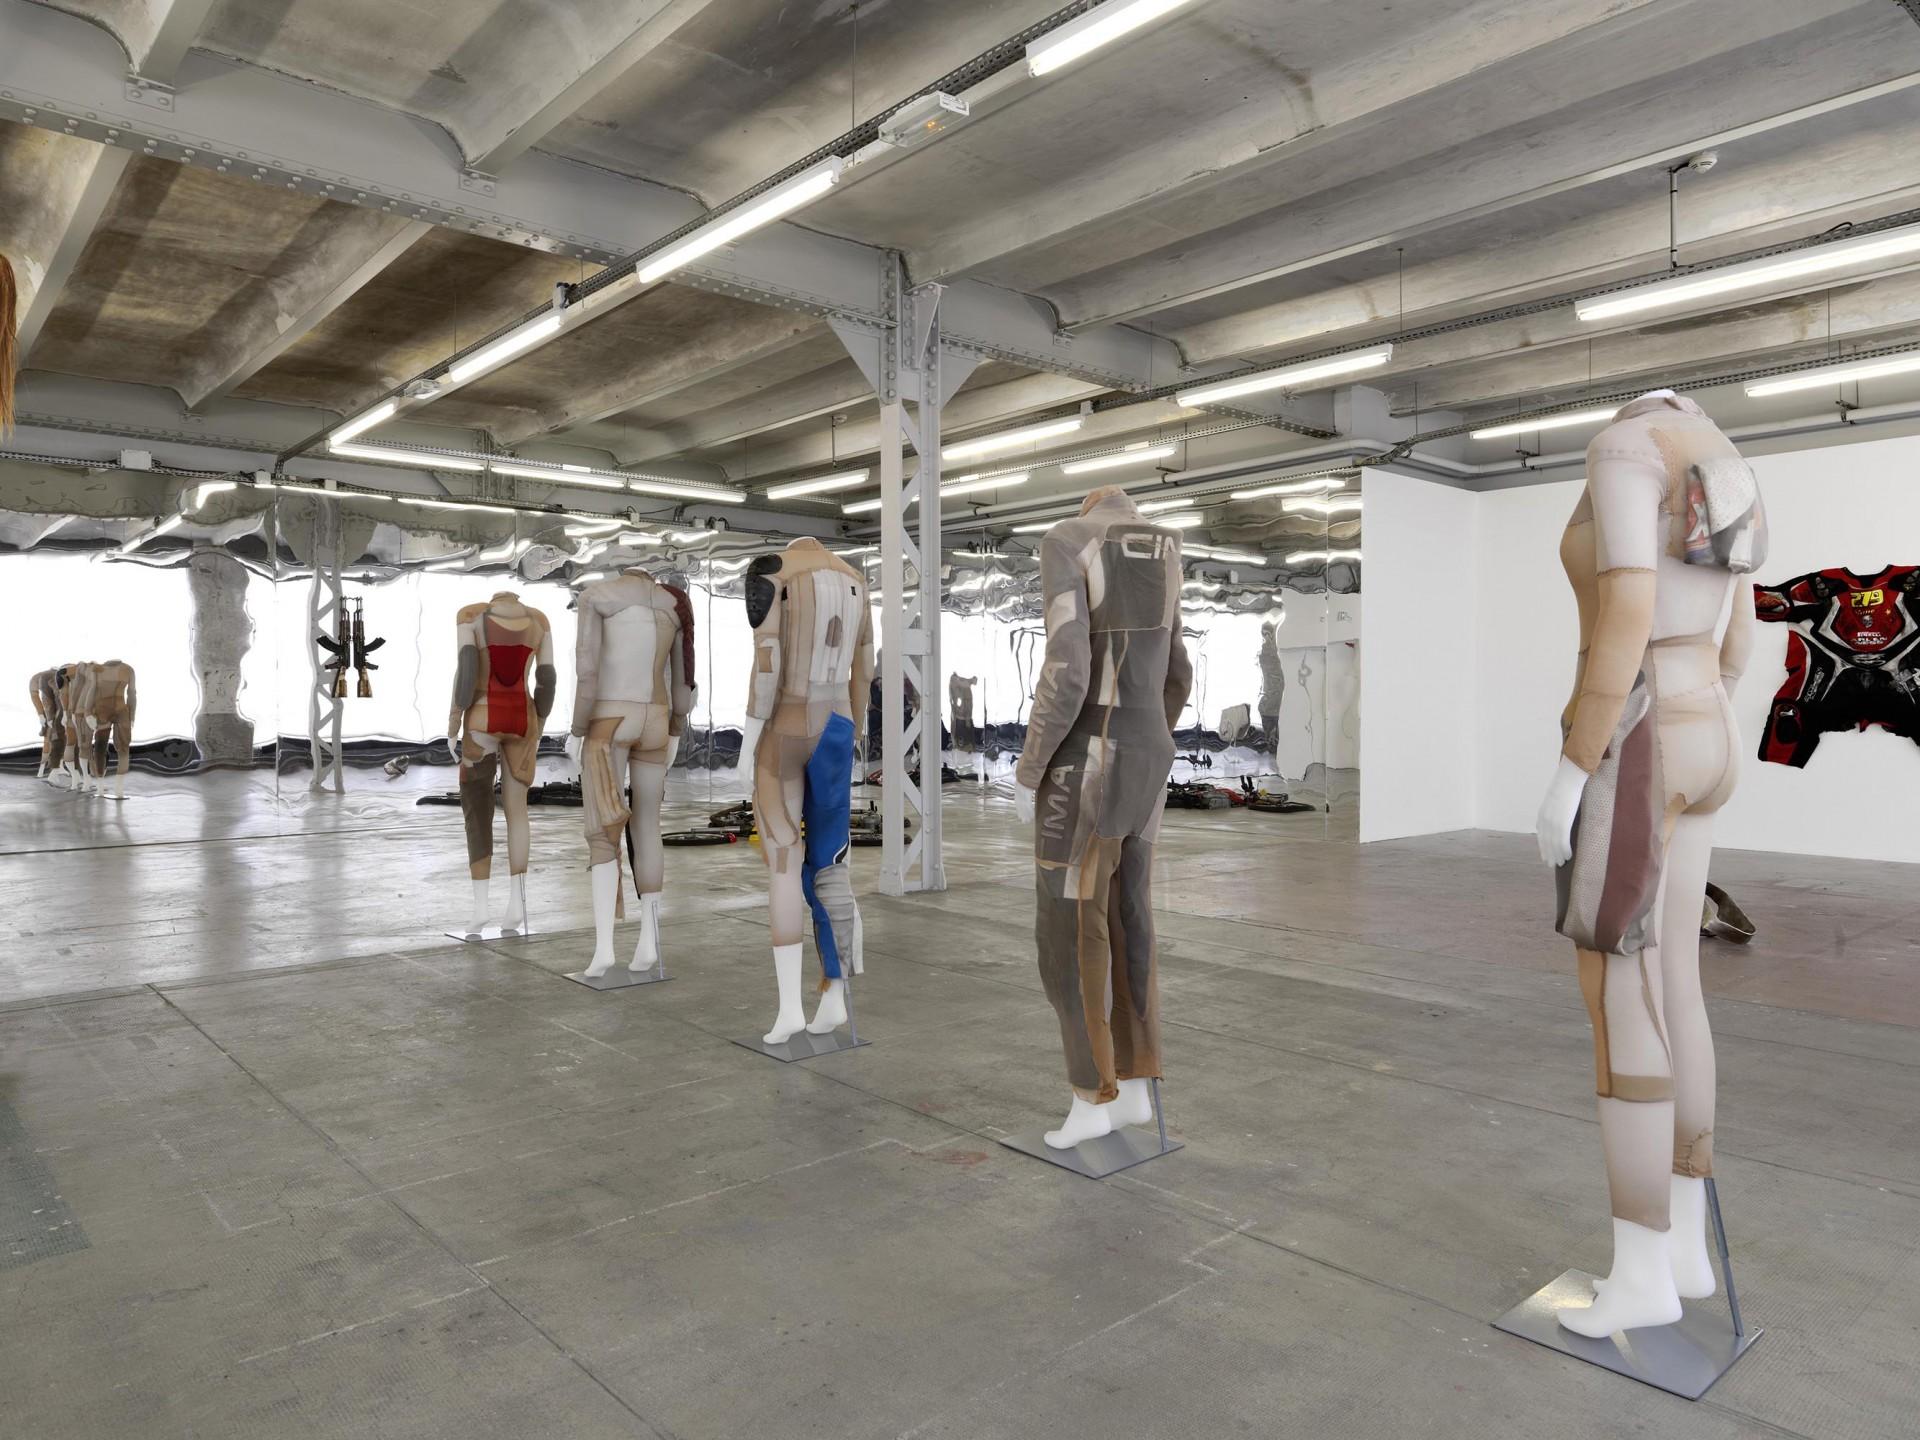 ALEXANDRA BIRCKEN STRETCH, Centre de l'art contemporain d'Ivry, le Crédac, France, 07.09. – 17.12.2017